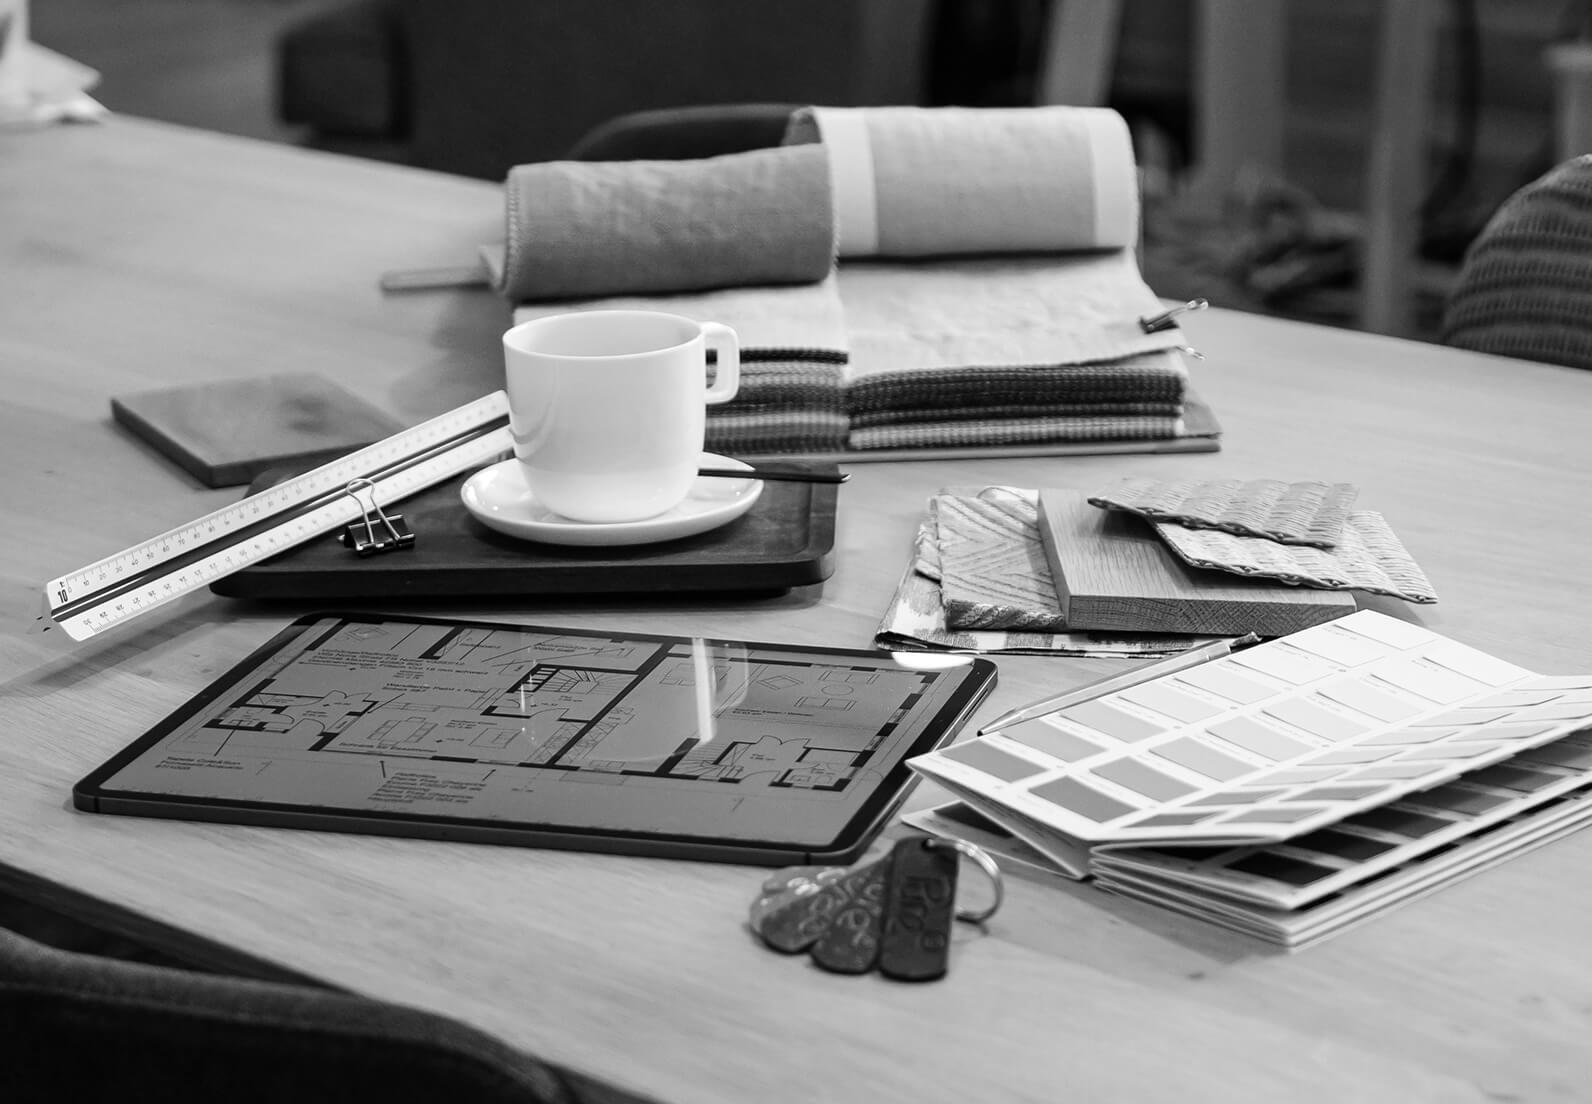 Tisch mit Planungsmitteln wie z.B. iPad, Zollstock, Stoffen und Farben